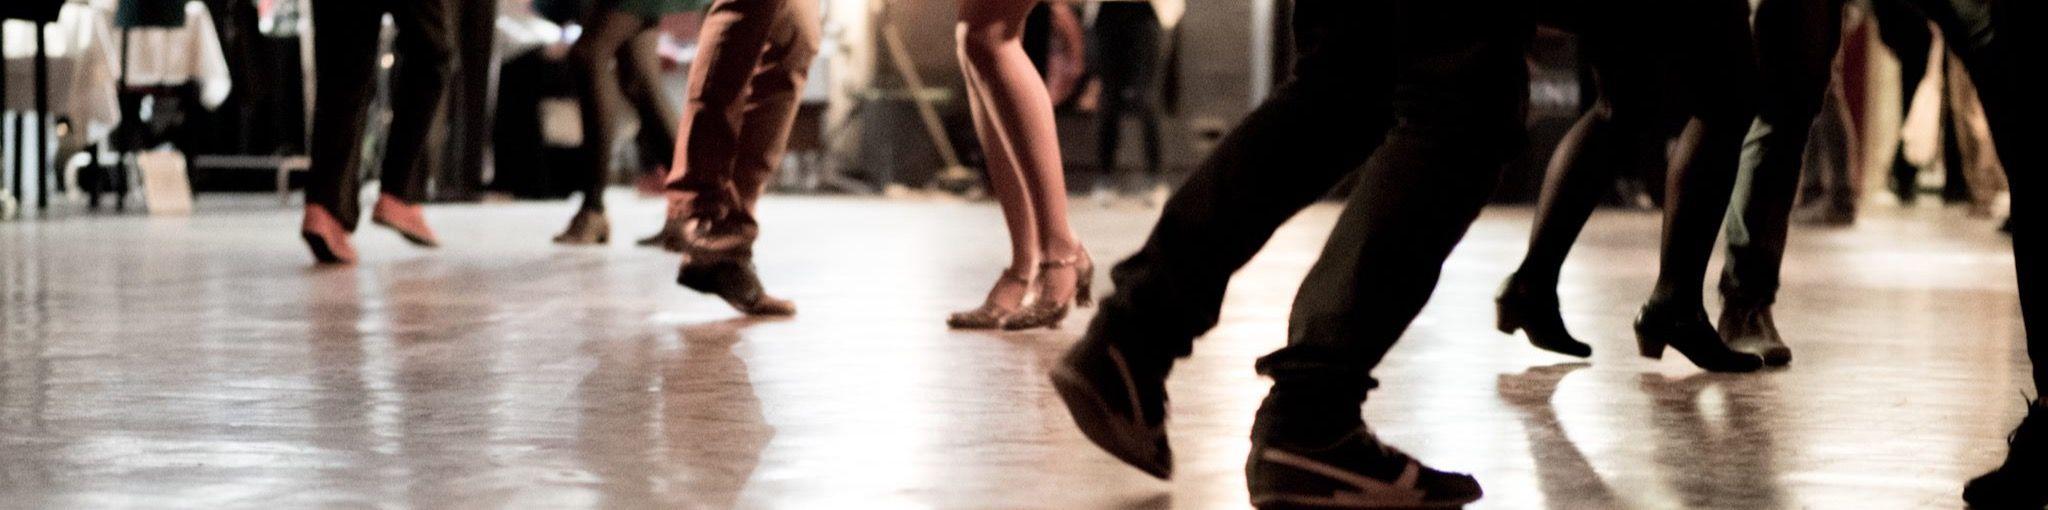 Titelbild von Meerbuscher Tanzsport-Club e.V.